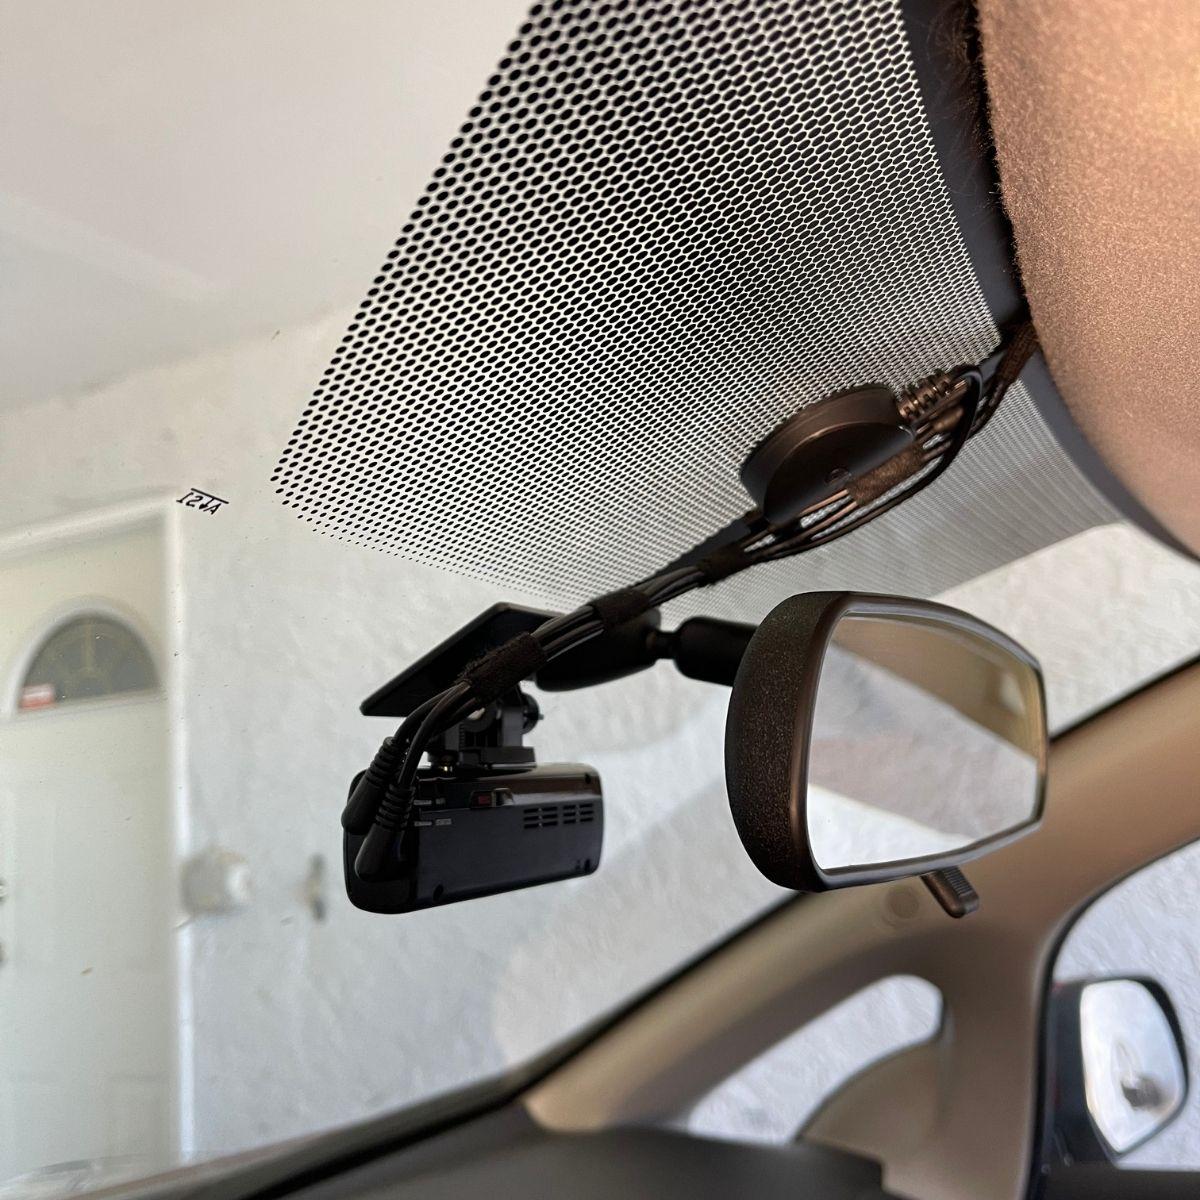 Nissan Leaf Final Dash Cam Install